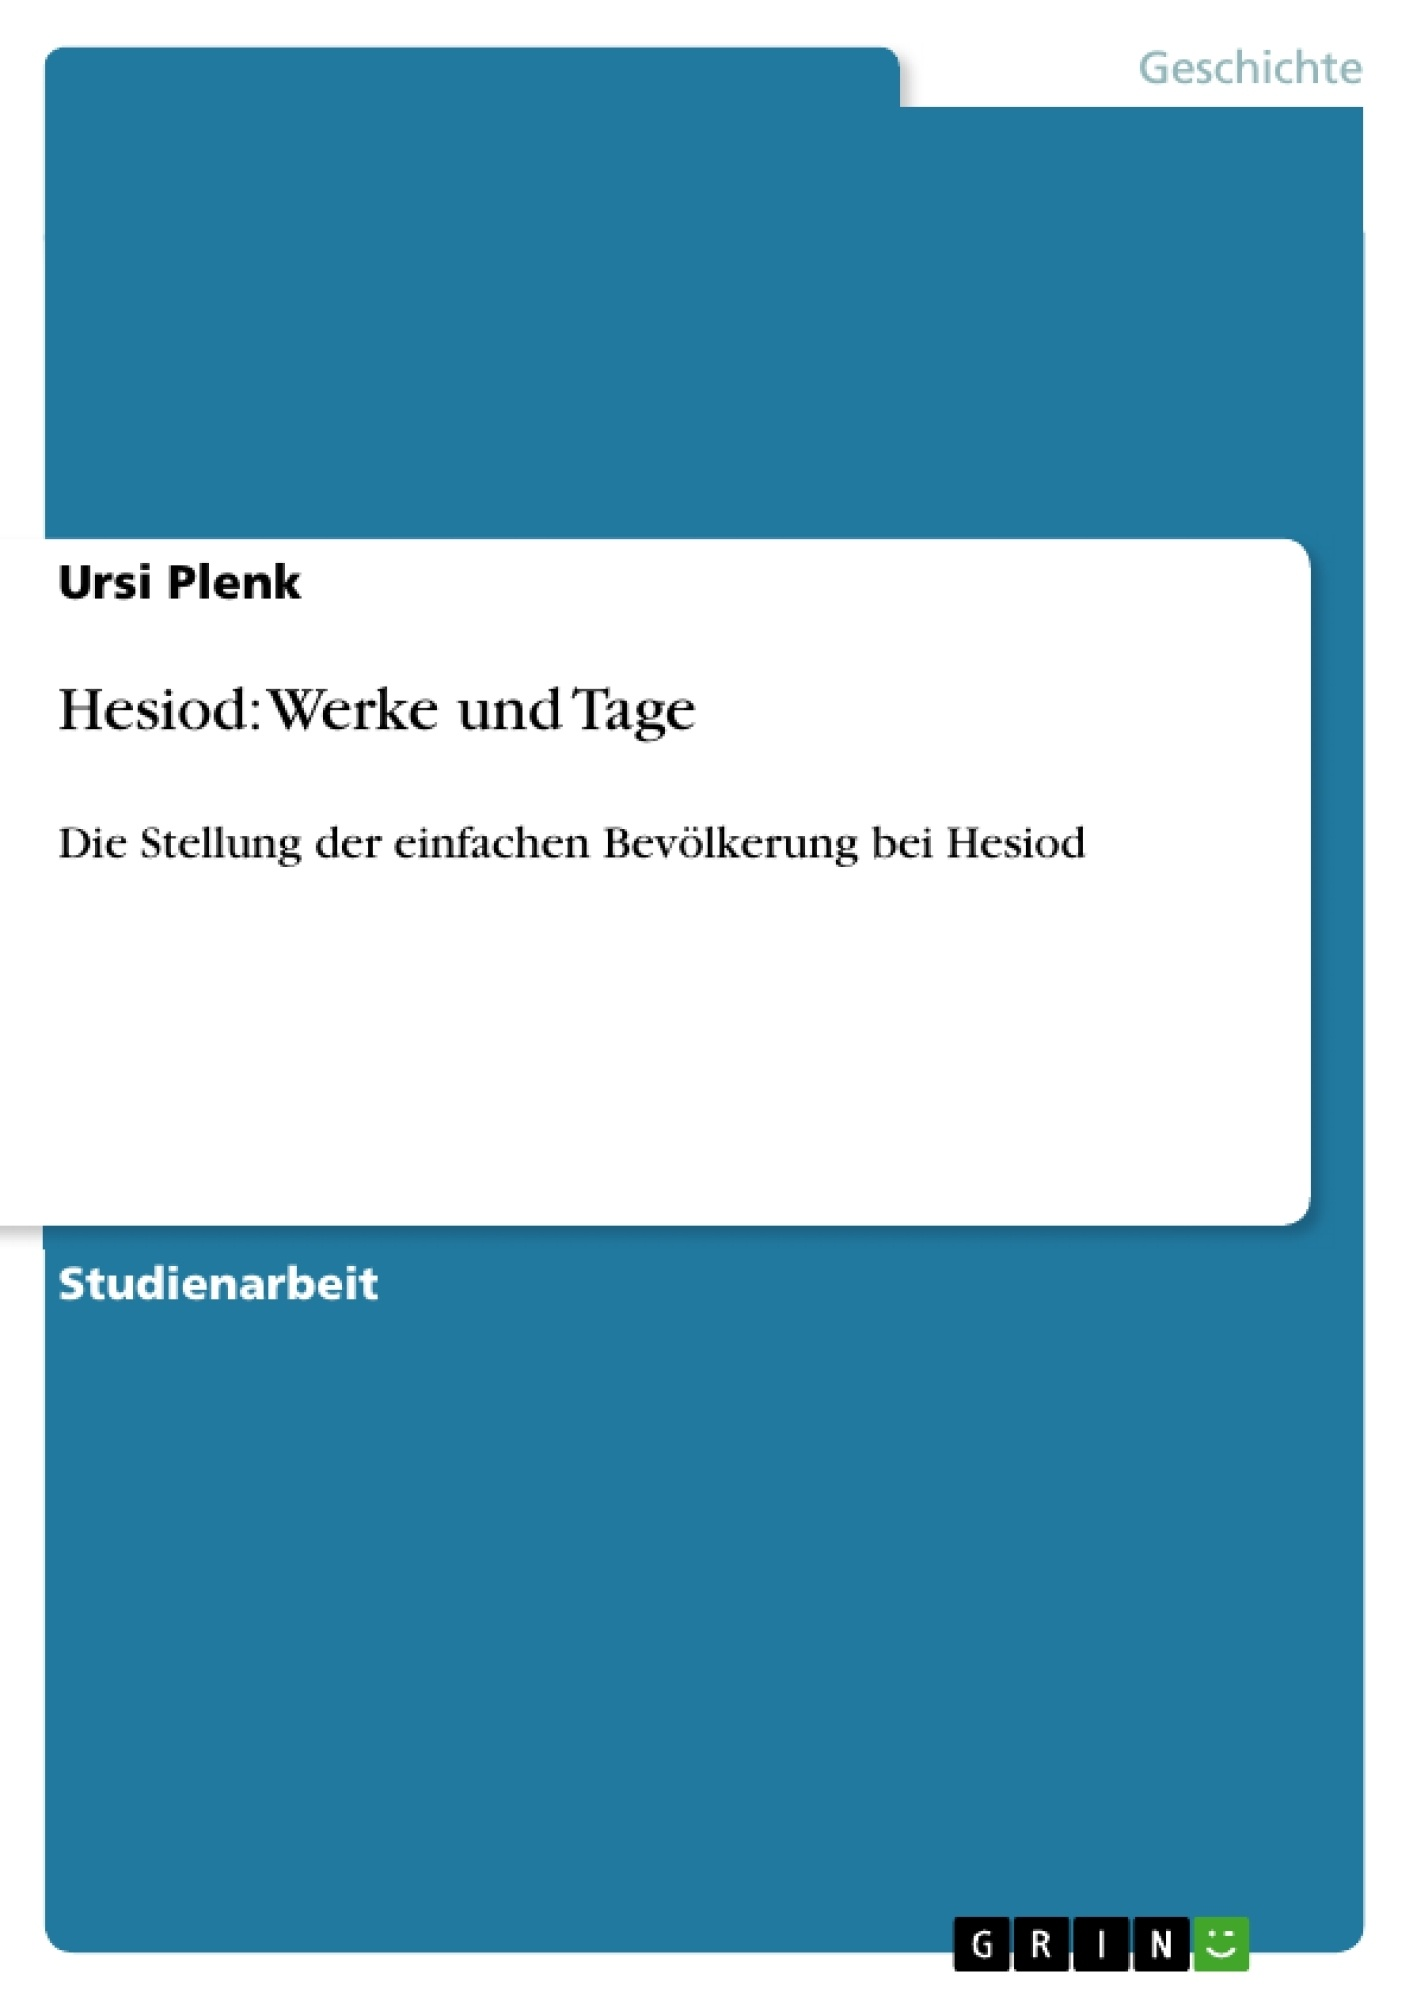 Titel: Hesiod: Werke und Tage